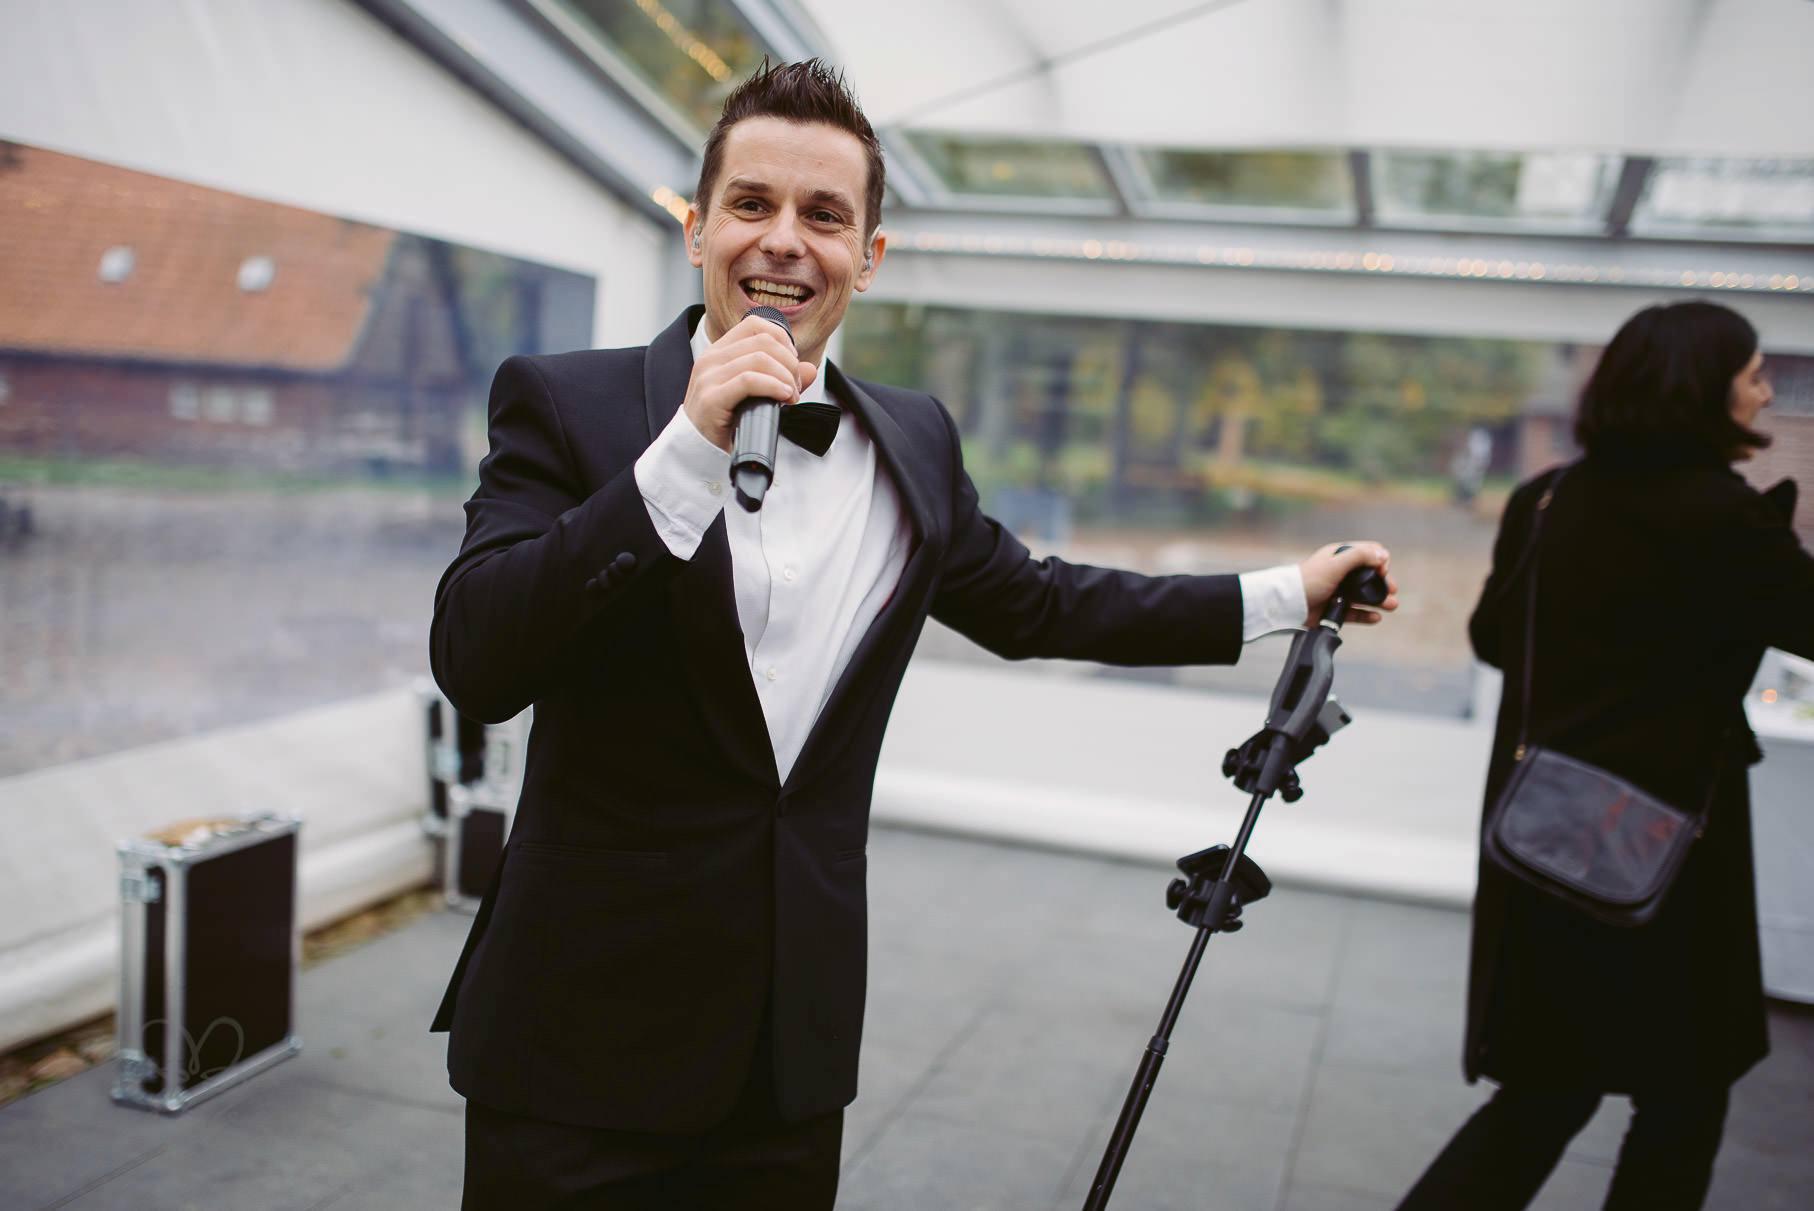 0094 aub 811 5686 - Hochzeit auf Gut Thansen - Anja & Björn